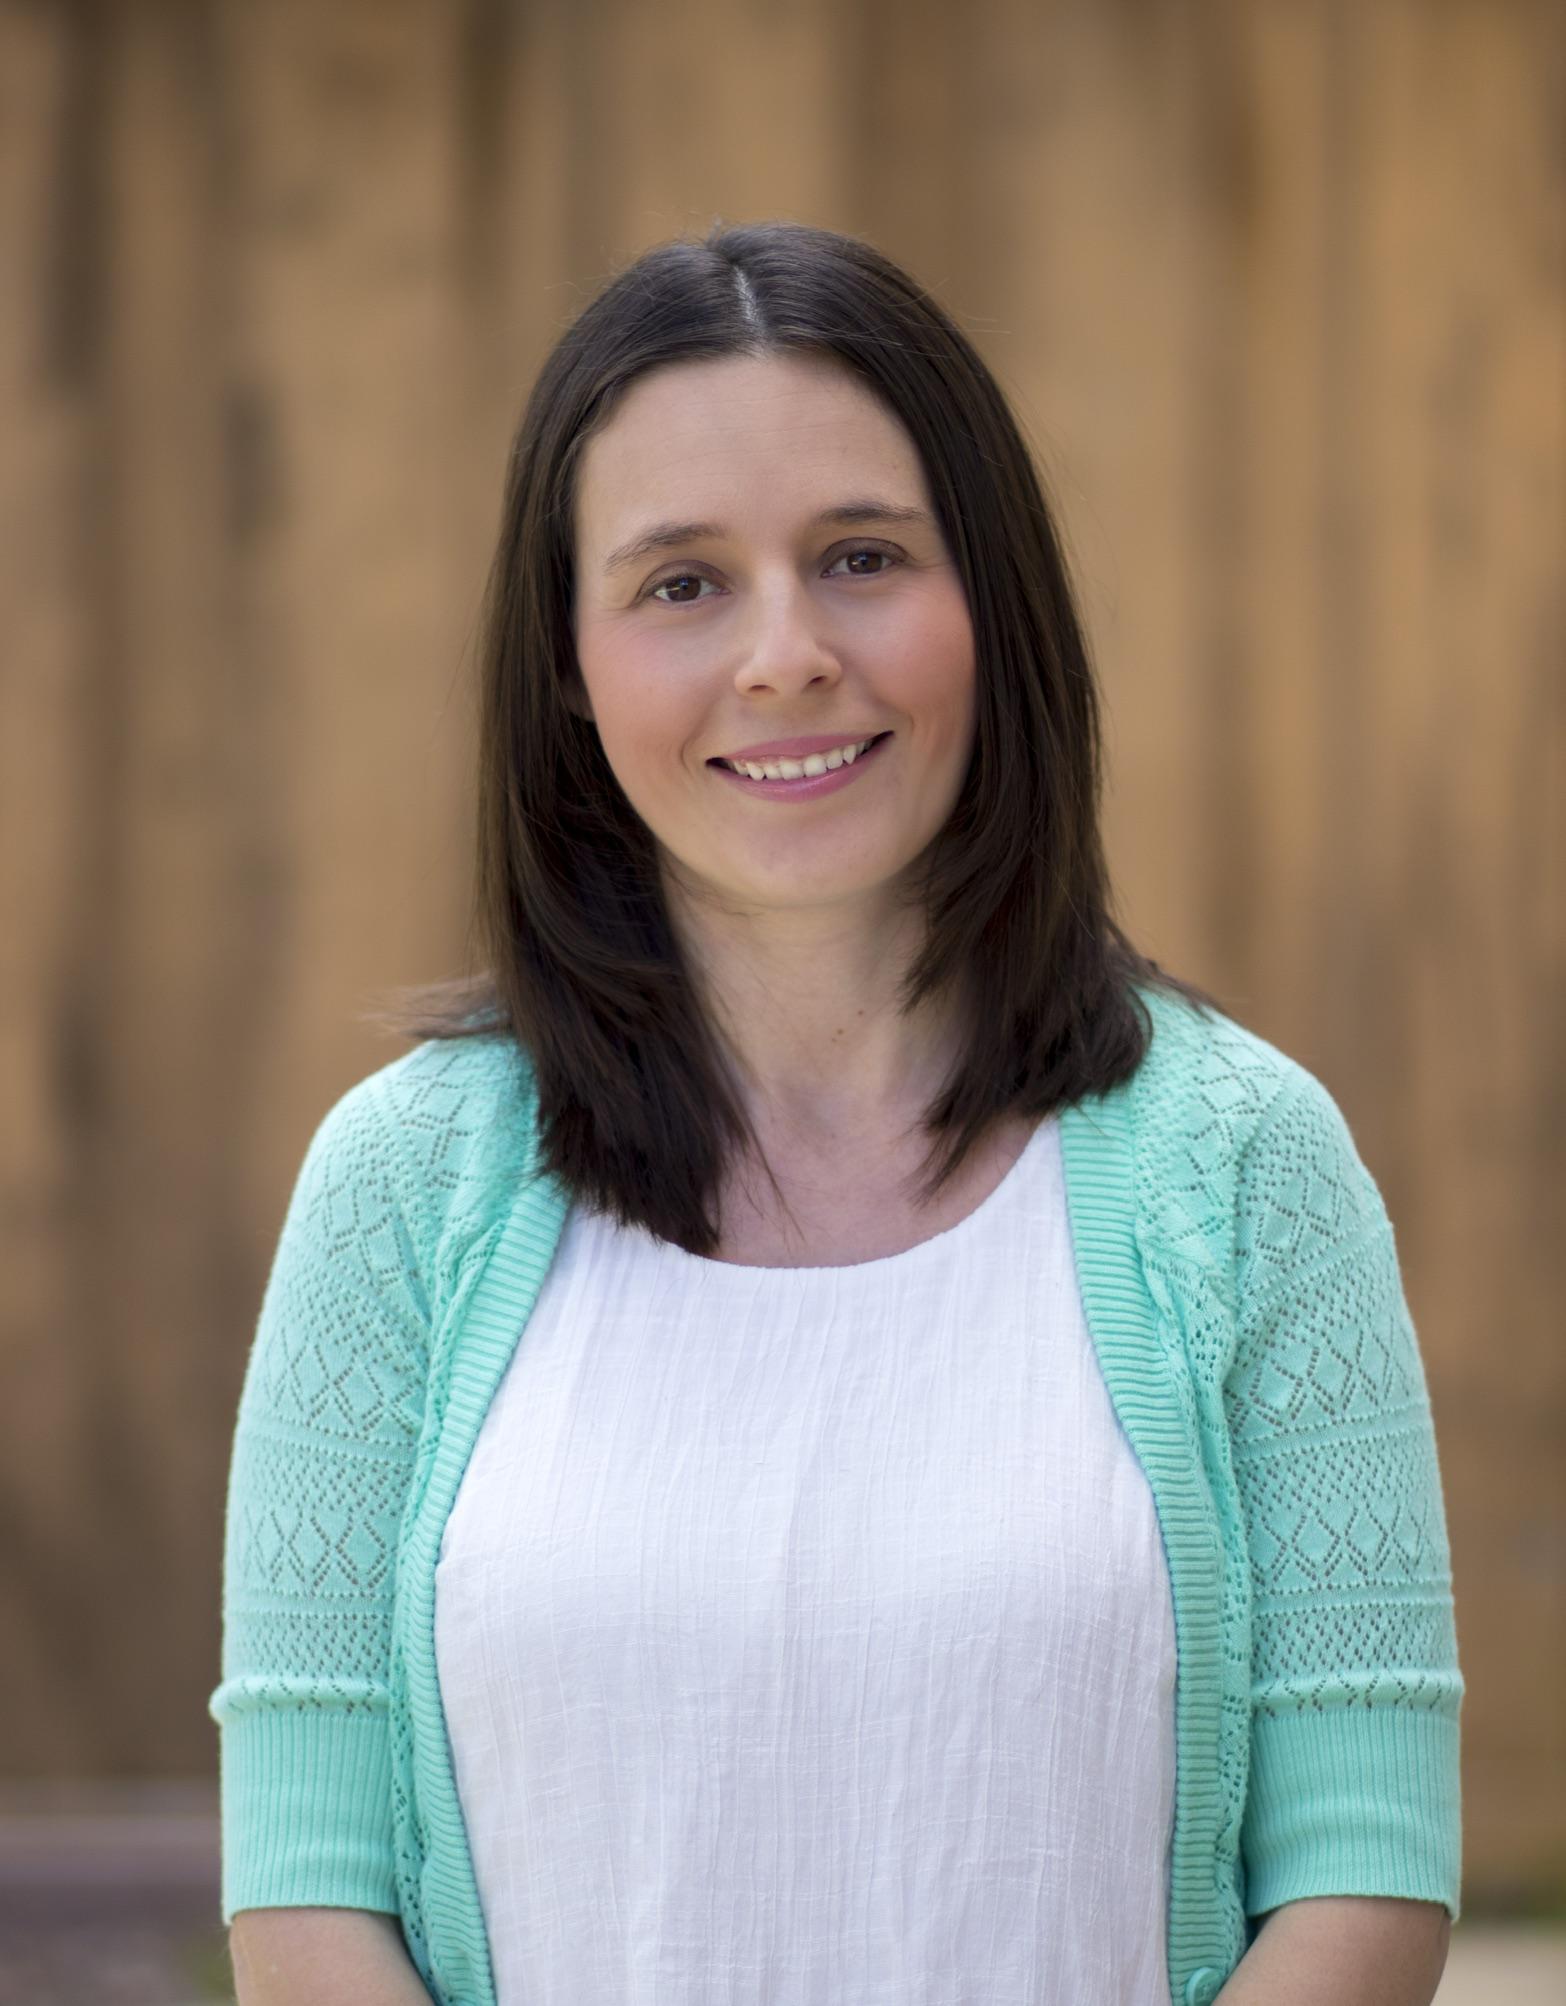 Iliana Battaglia, Research Assistant I